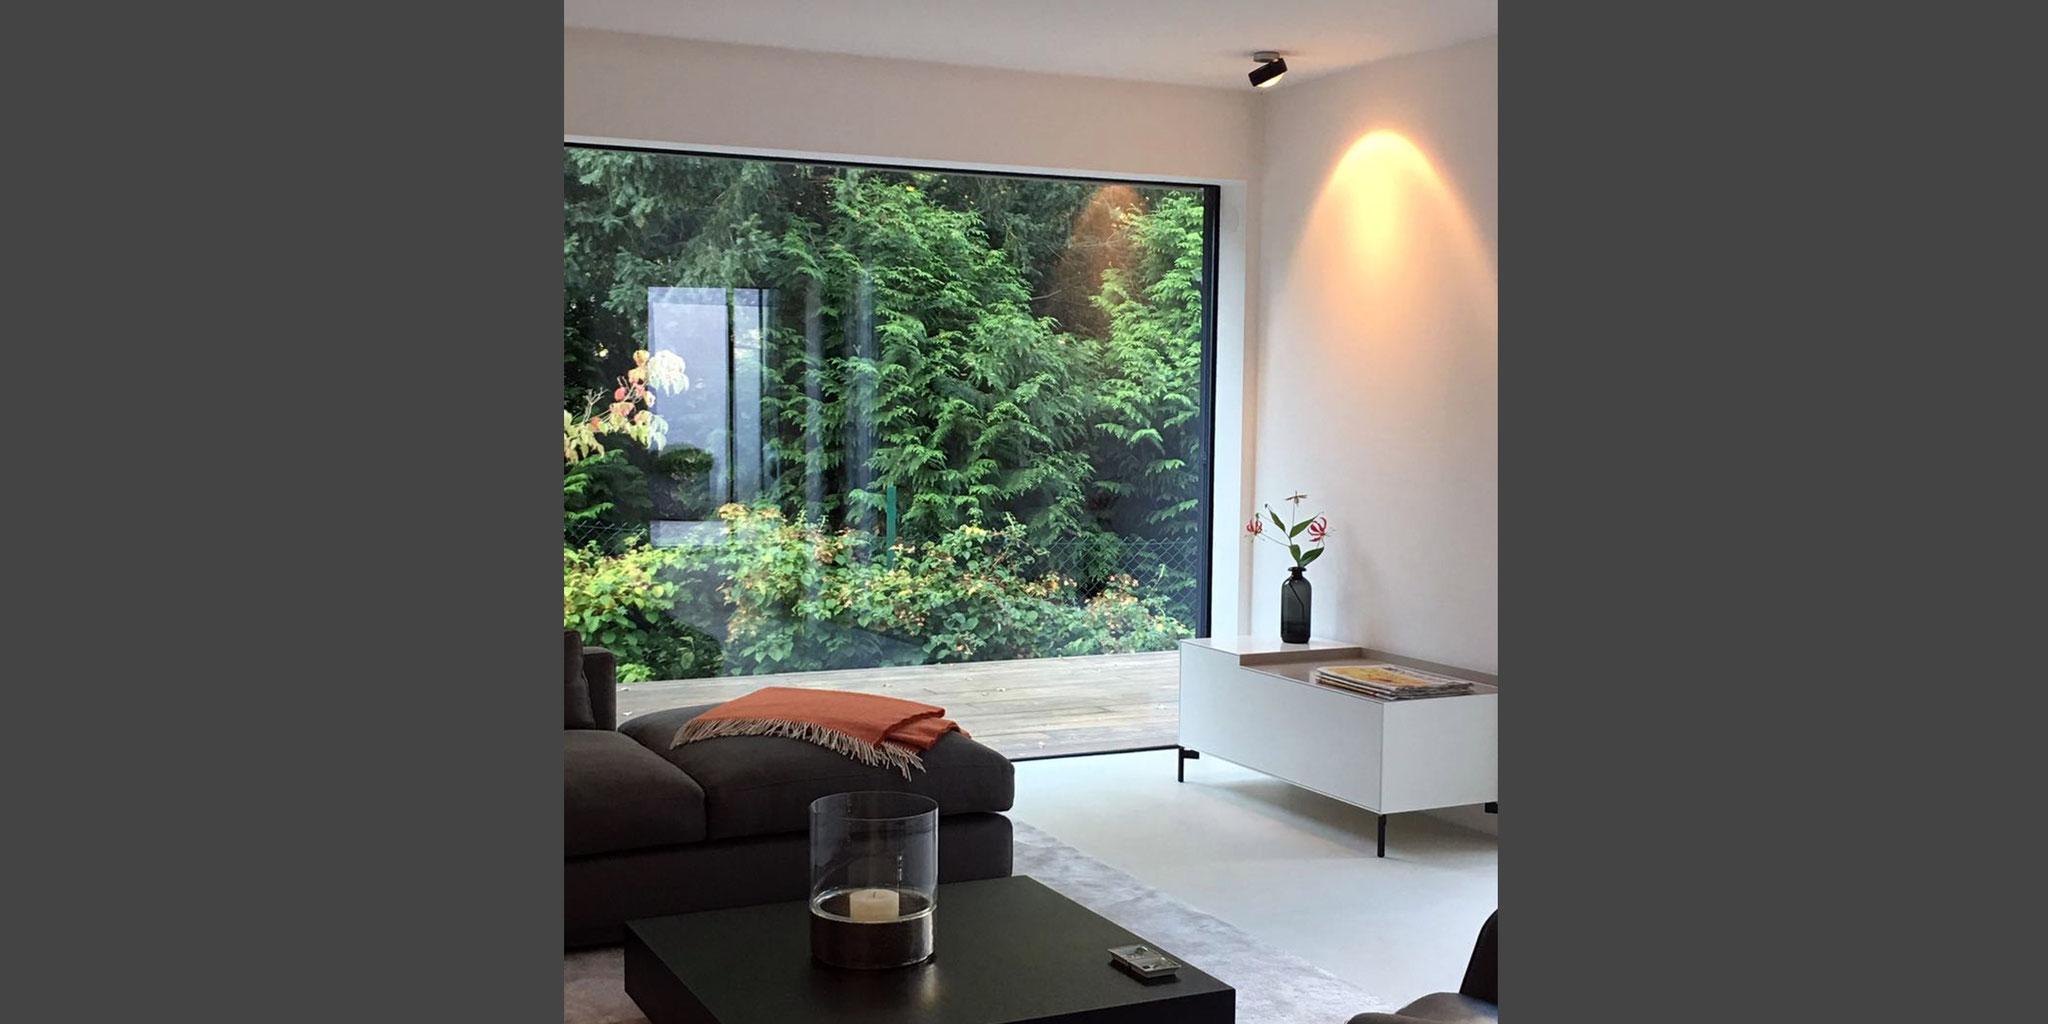 Architekten Frankfurt – Umbau Einfamilienhaus in Bad-Homburg, Architekturbüro Frick.Reichert Architekten